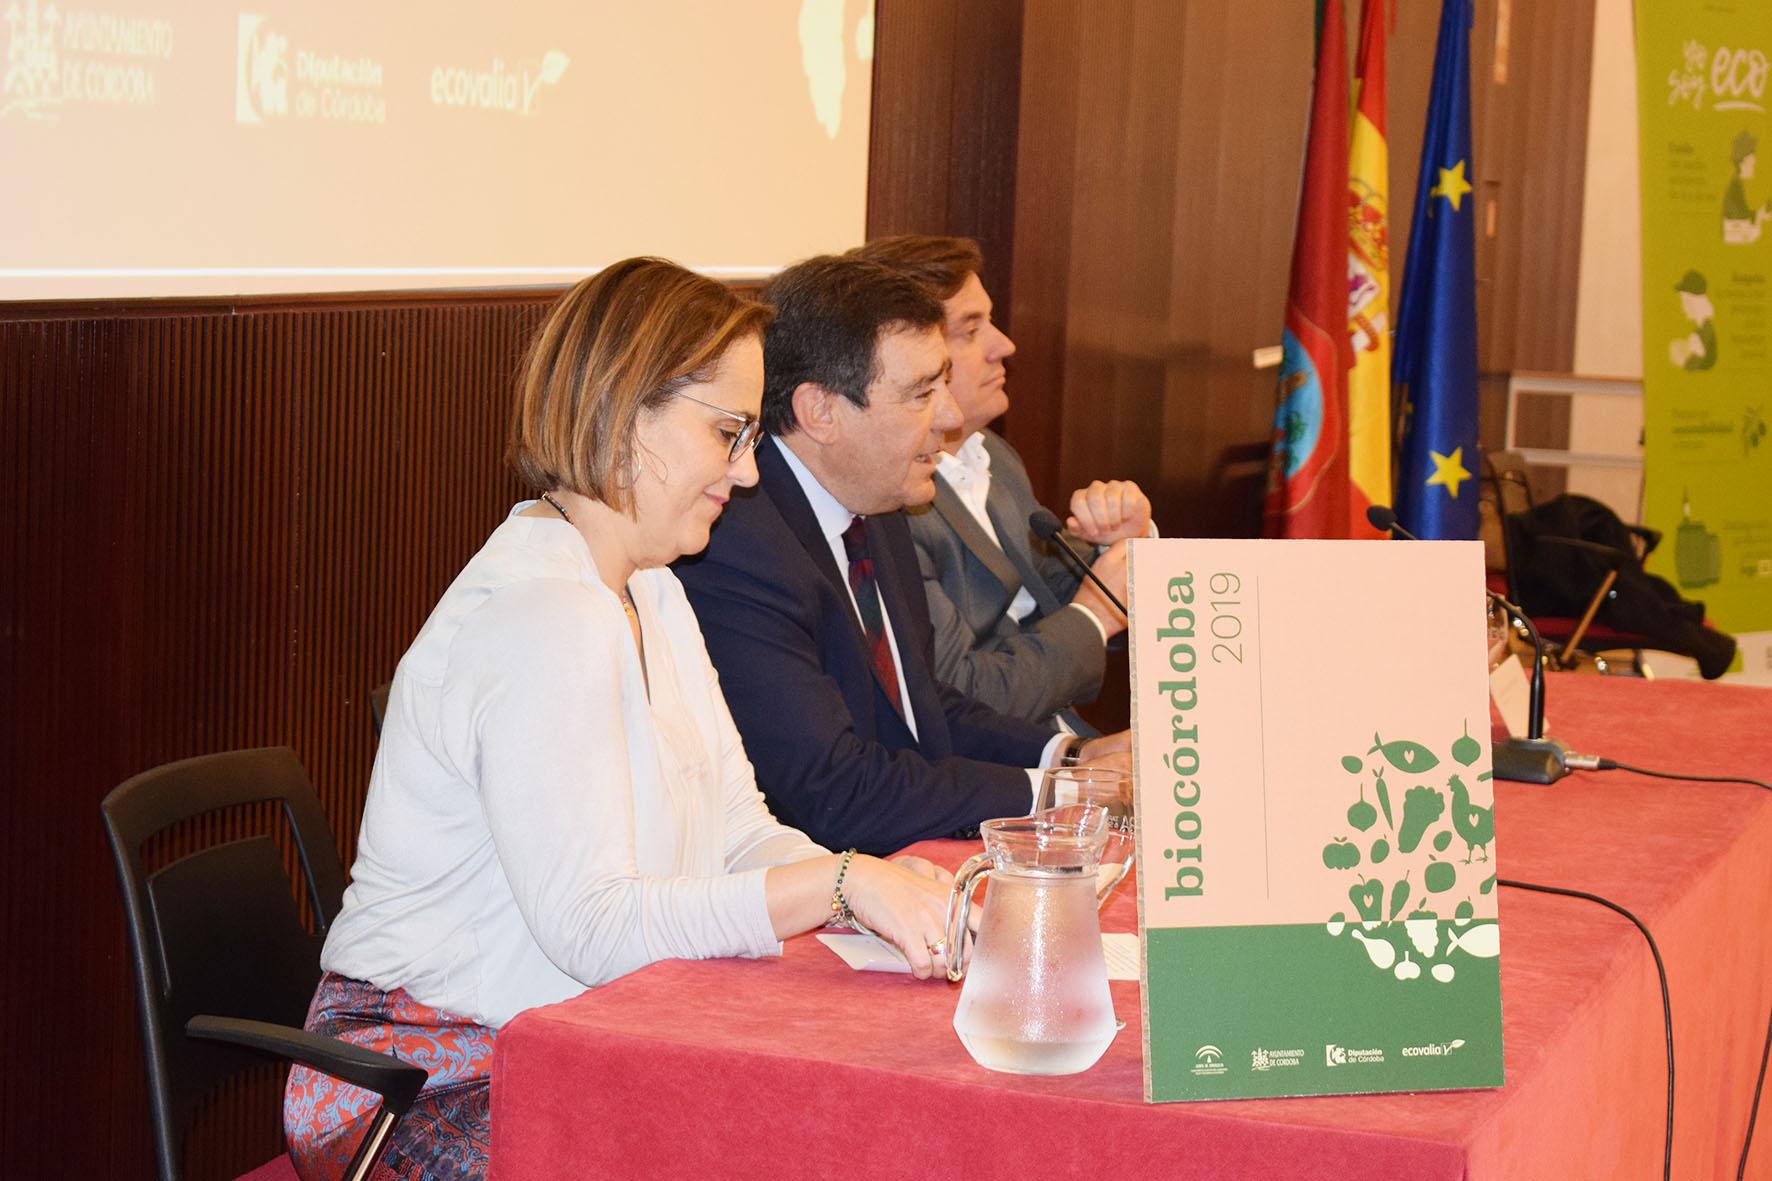 Biocórdoba 2019 | Córdoba, punto de encuentro de la alimentación ecológica y de los principales actores del sector